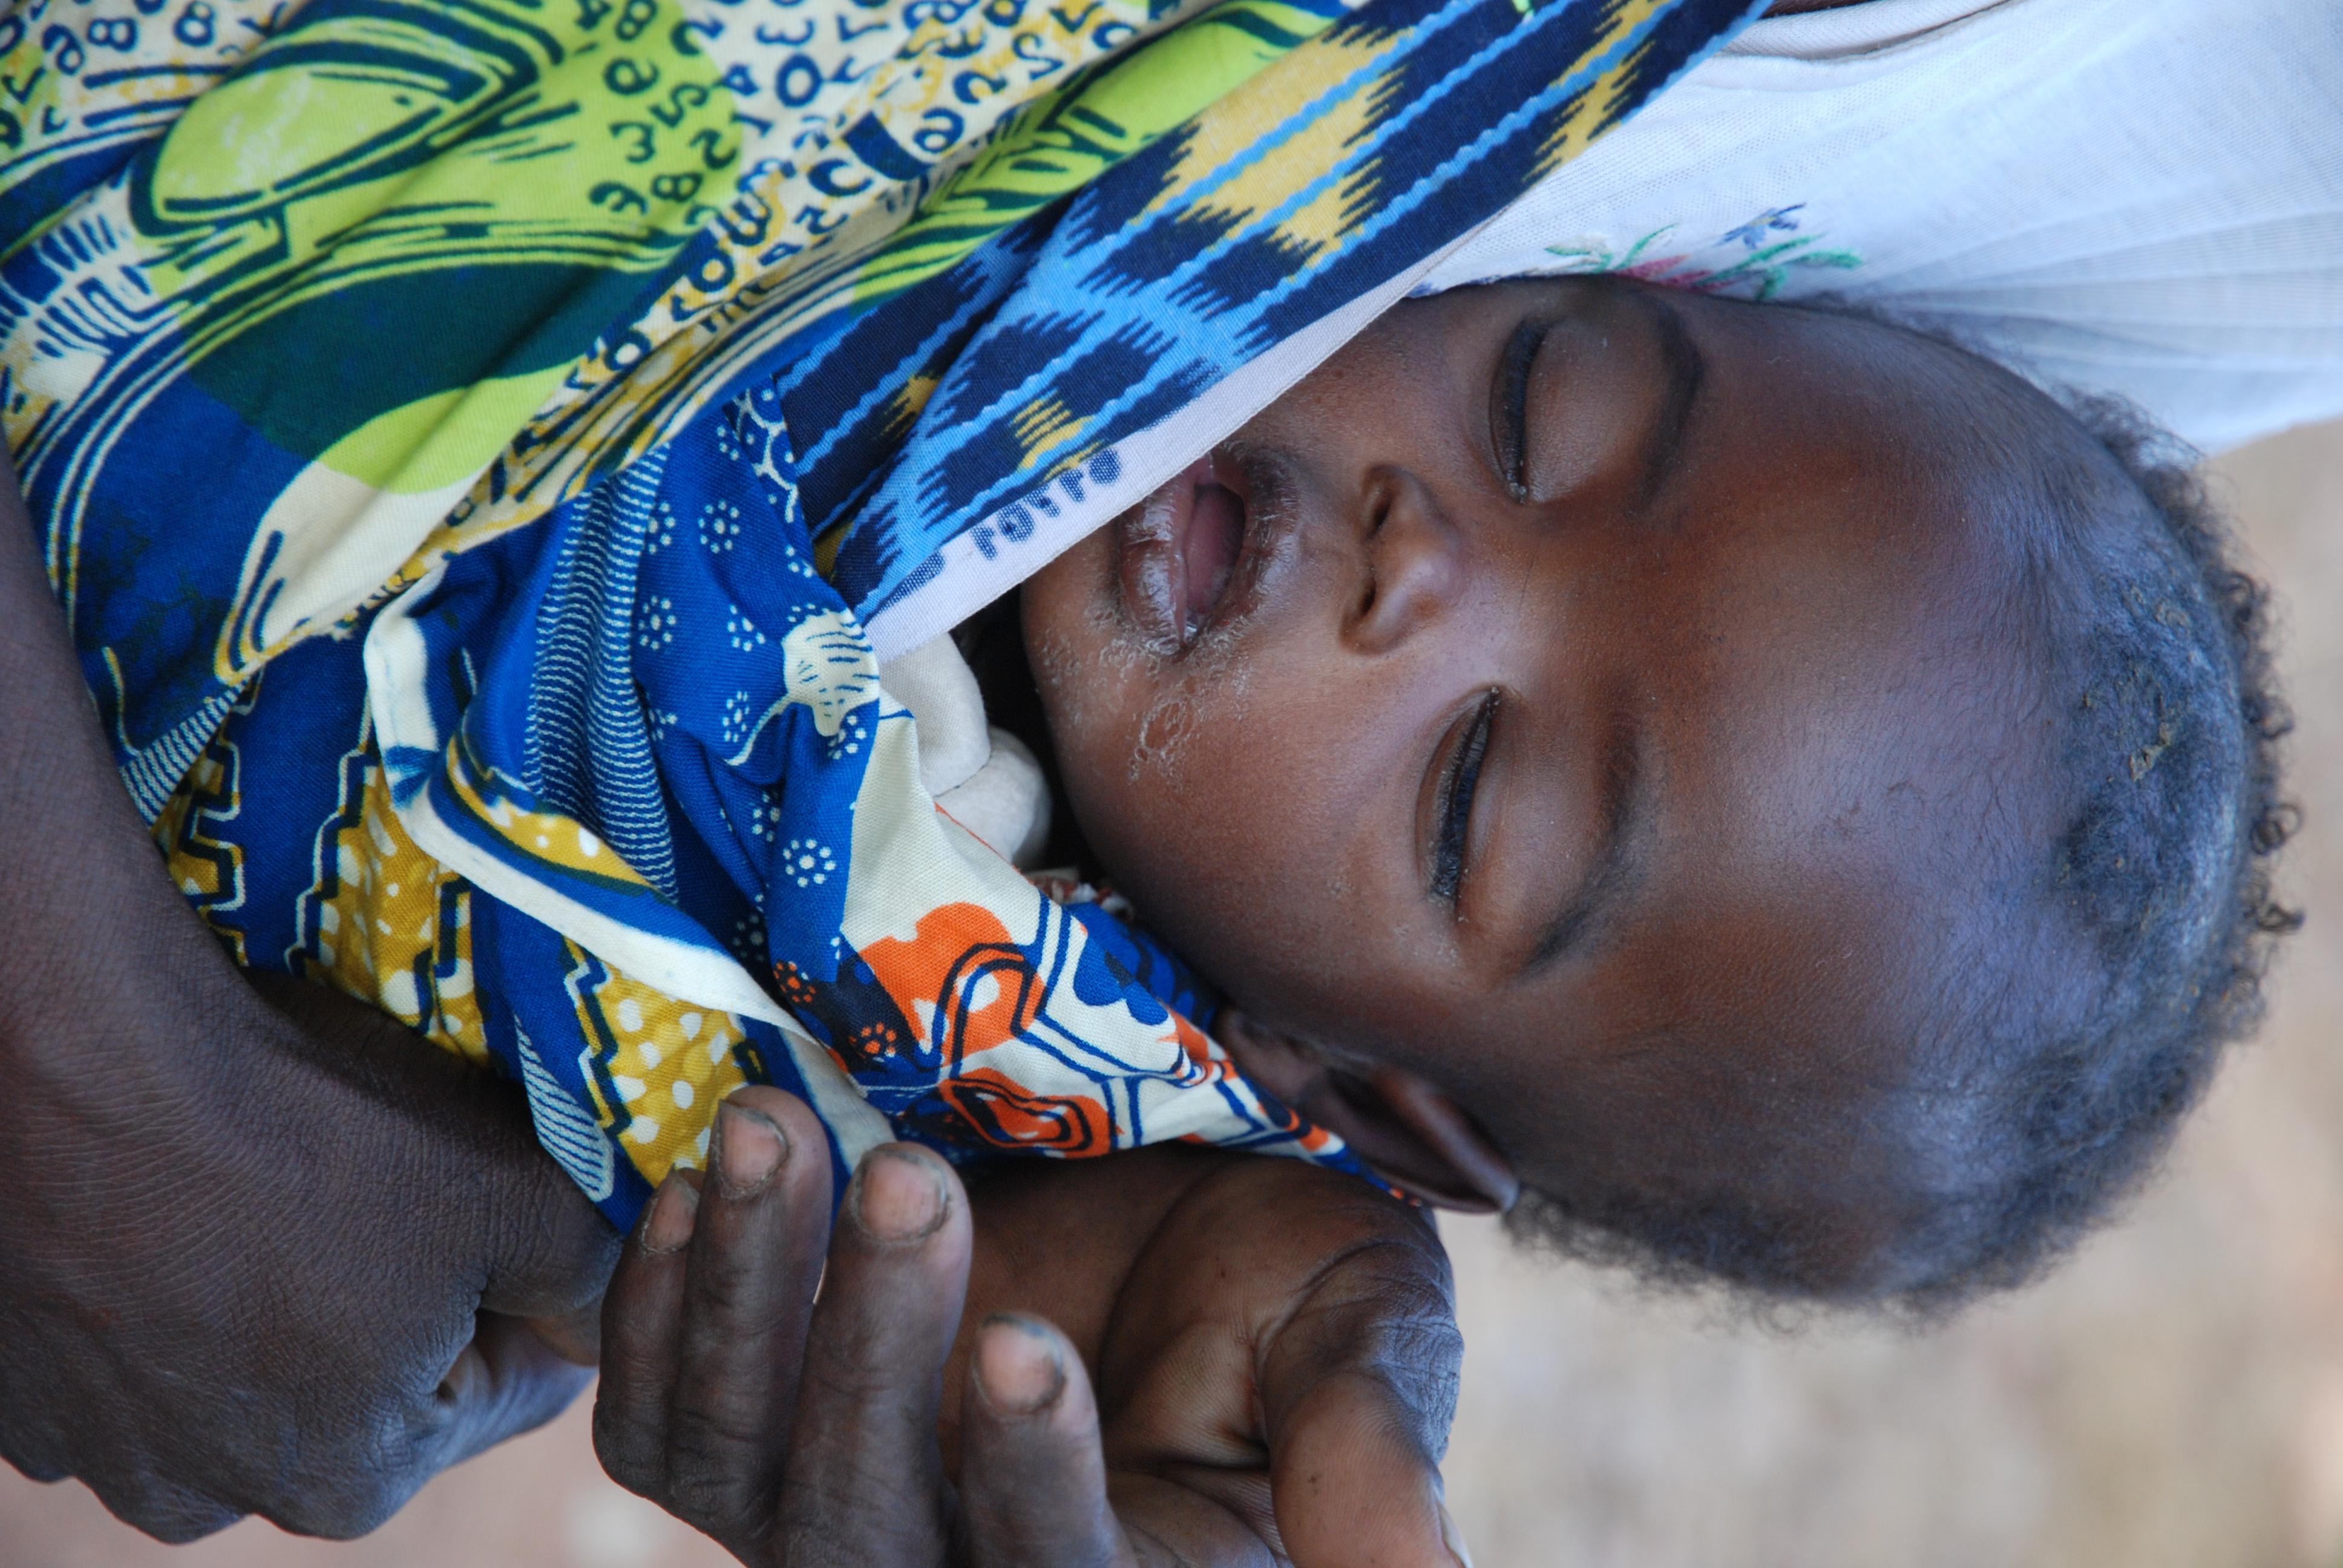 Φωτογραφικό υλικό από την Αποστολή στην Burkina Faso, στην πόλη Sabou